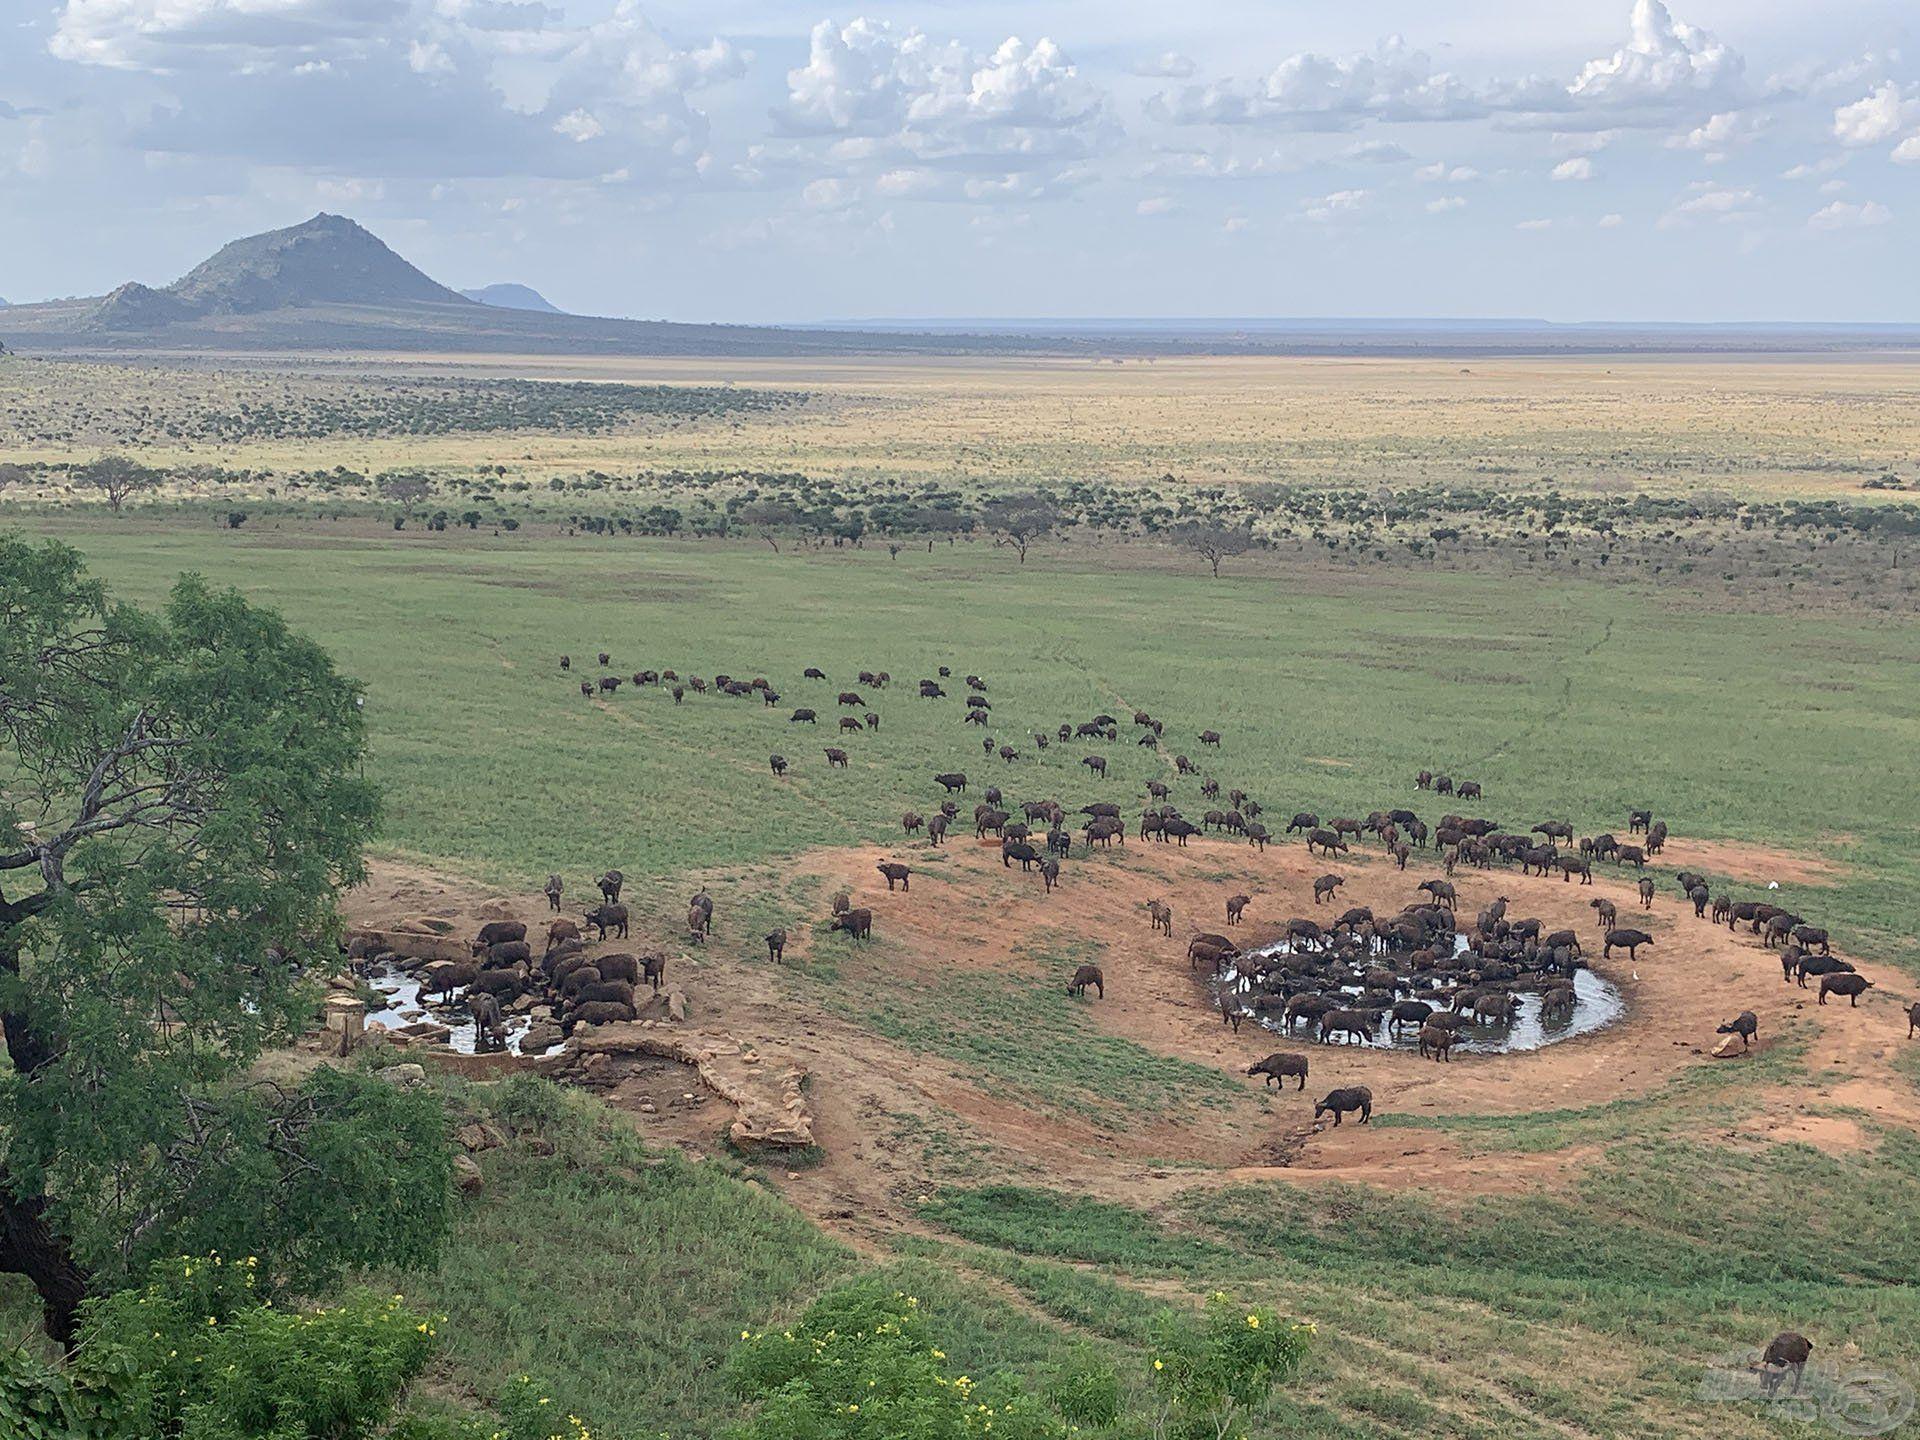 Talán elsőként Kenyáról az afrikai vadvilág jut az eszünkbe…